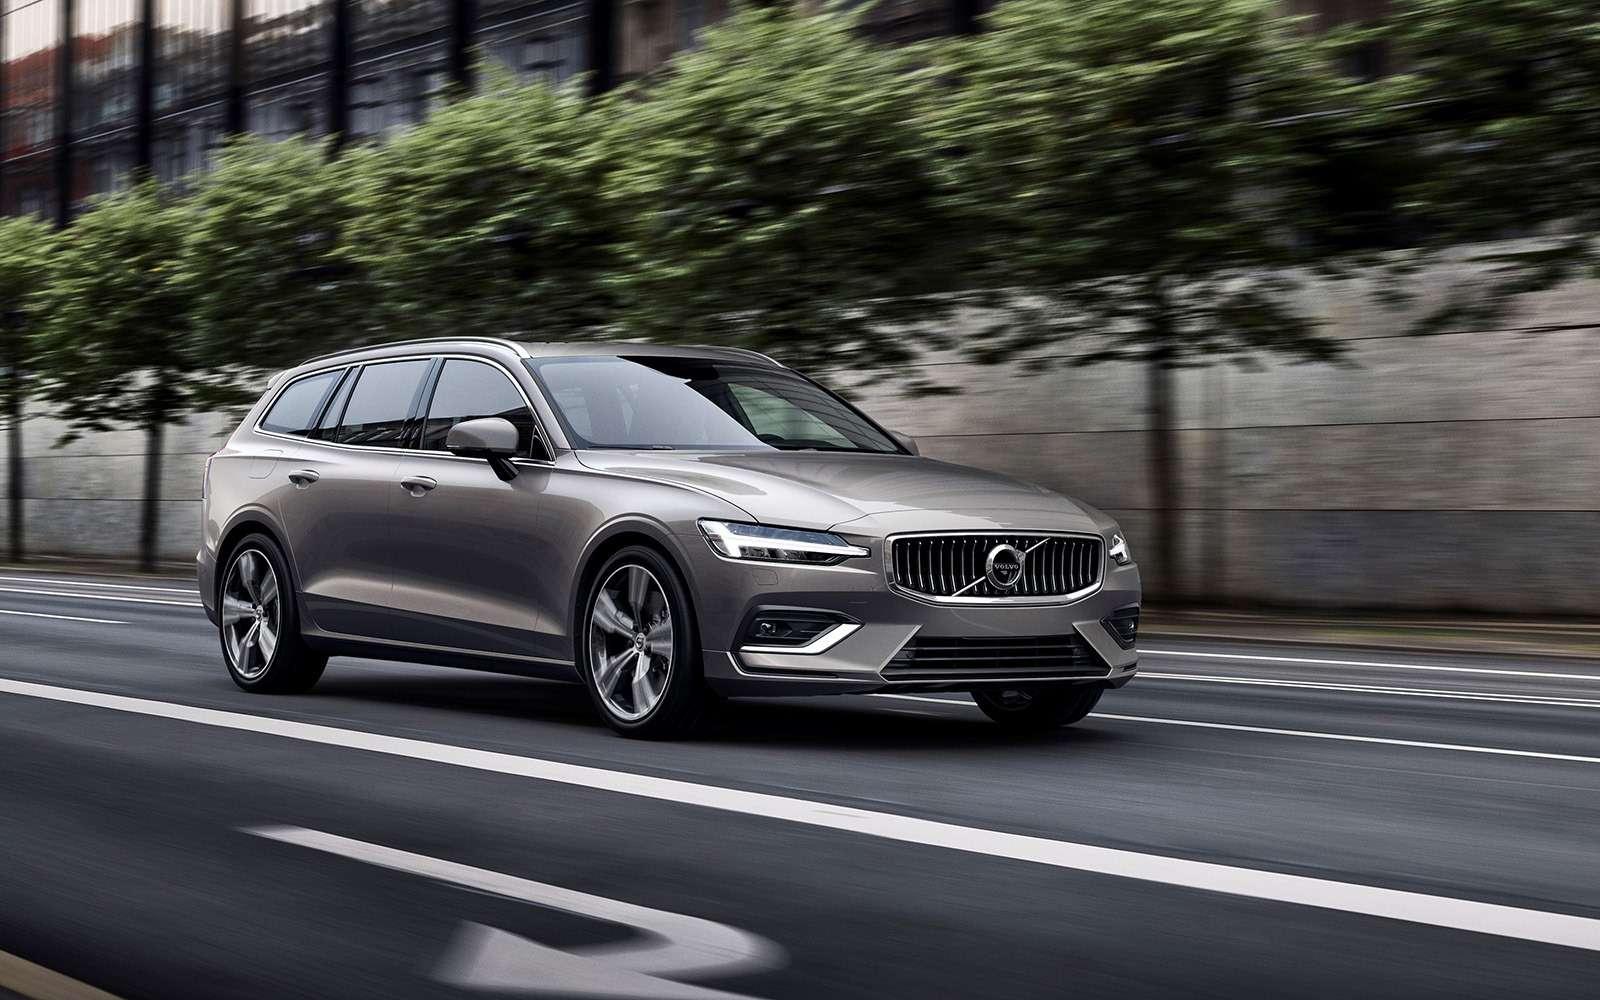 Volvo представила V60: семейный, роскошный инедлянас— фото 847551